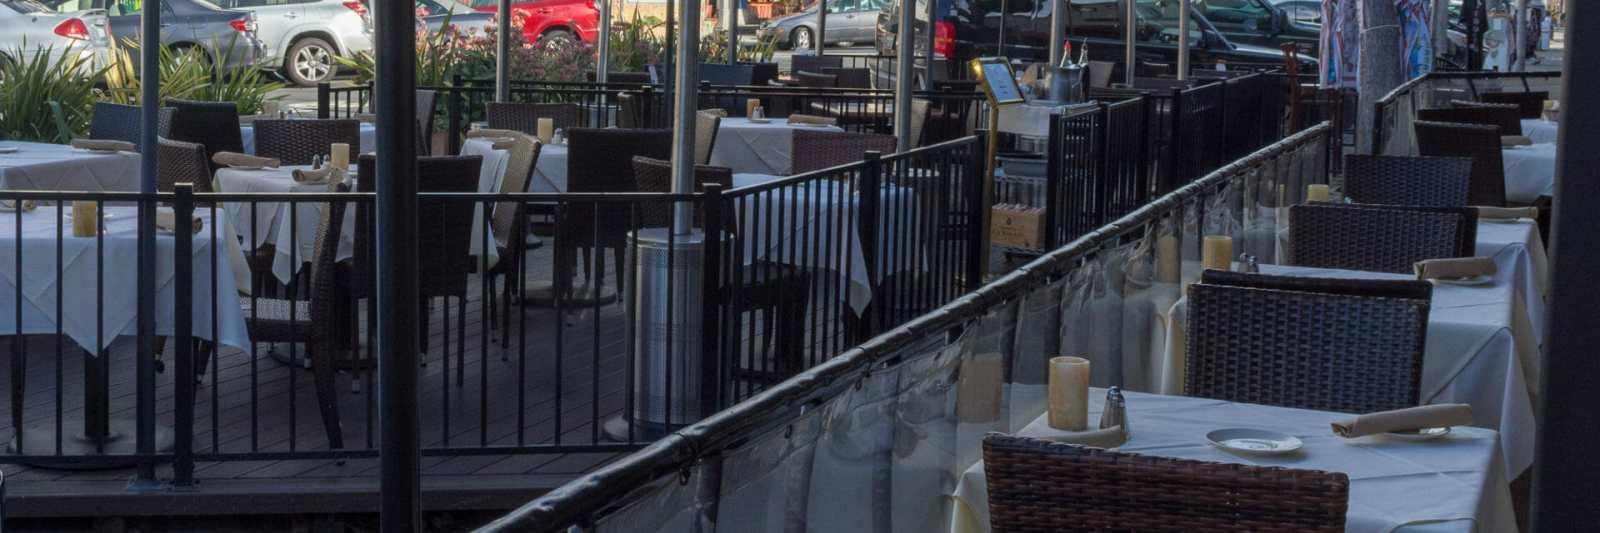 Sidewalk dining in Carlsbad